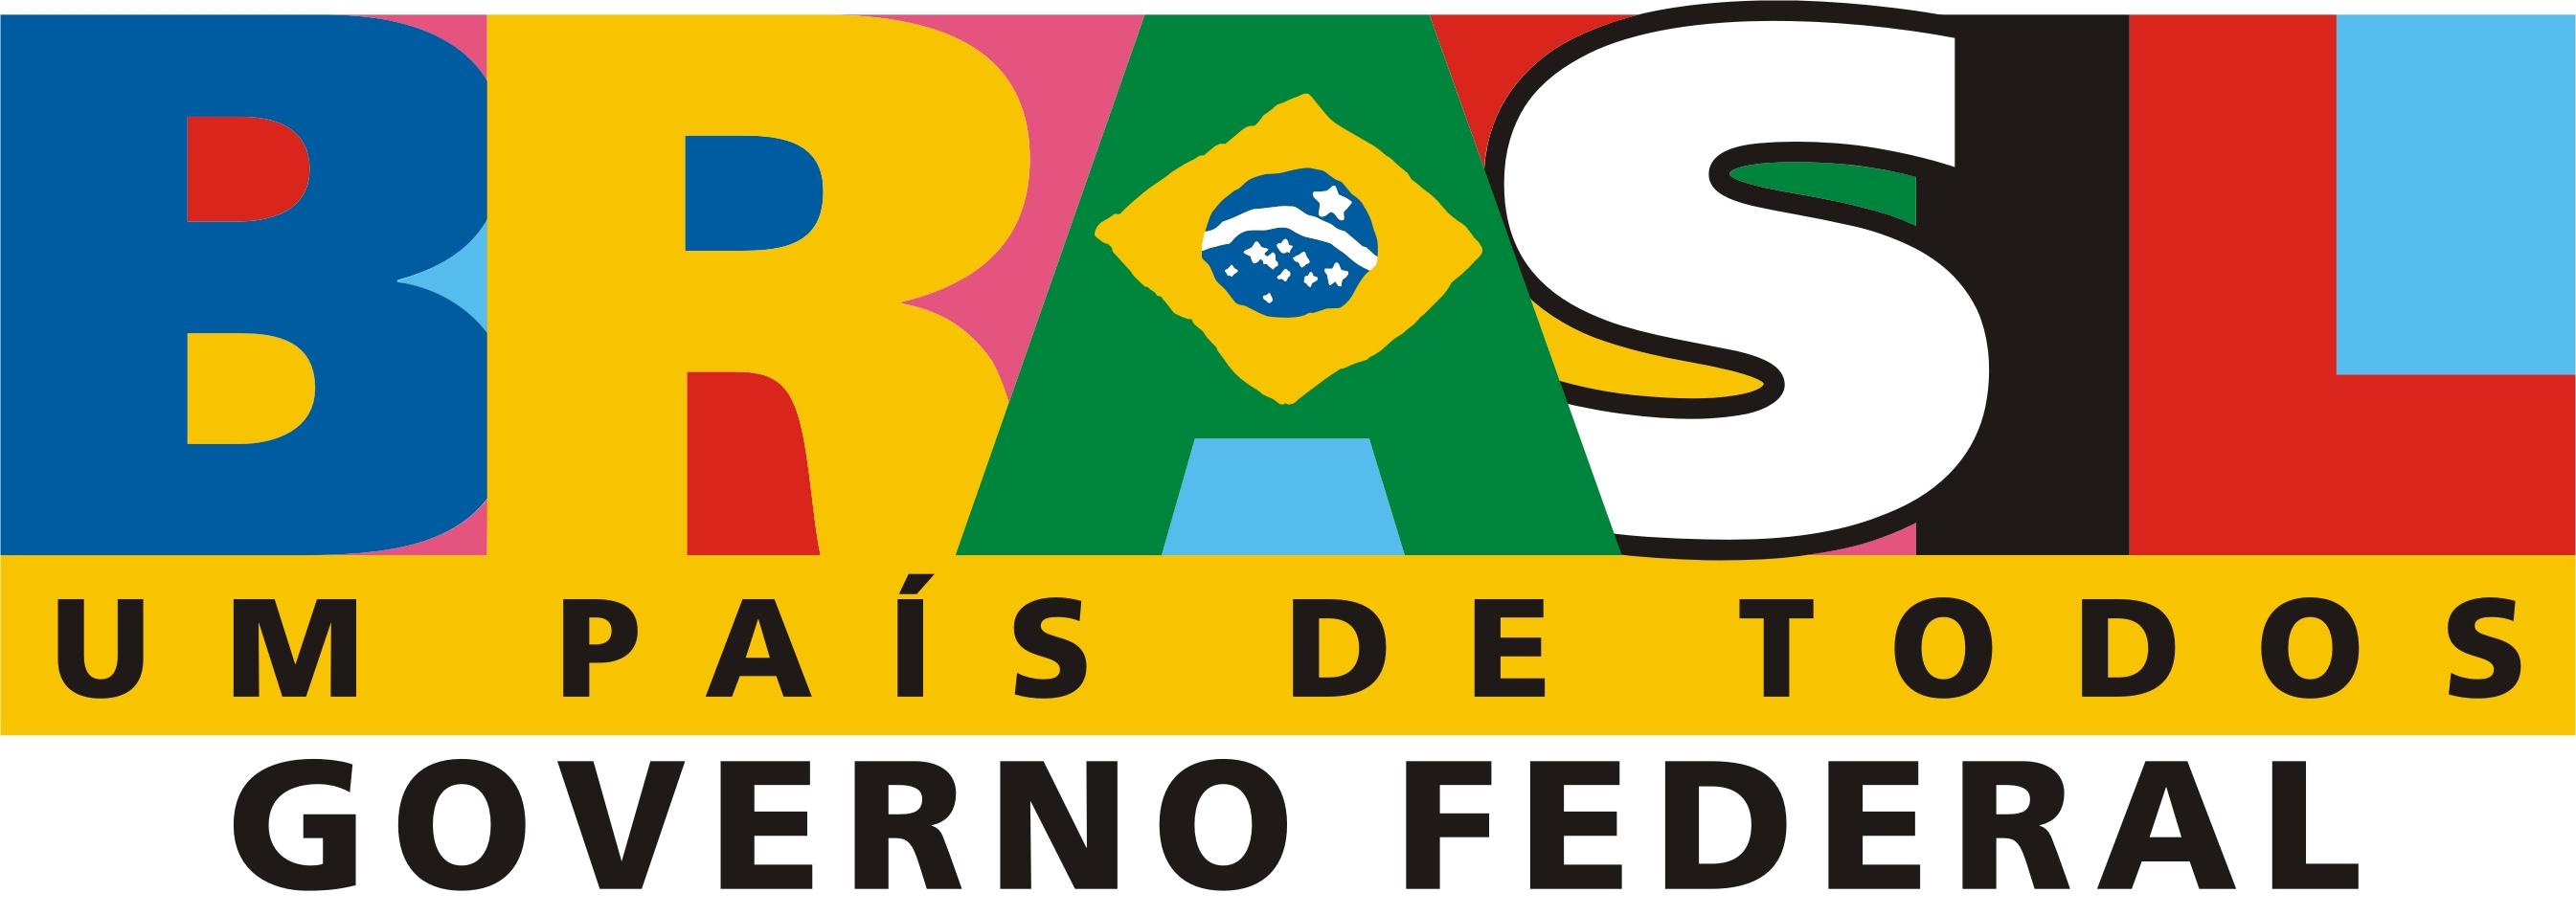 Brasil, um país de todos (2003–2010)